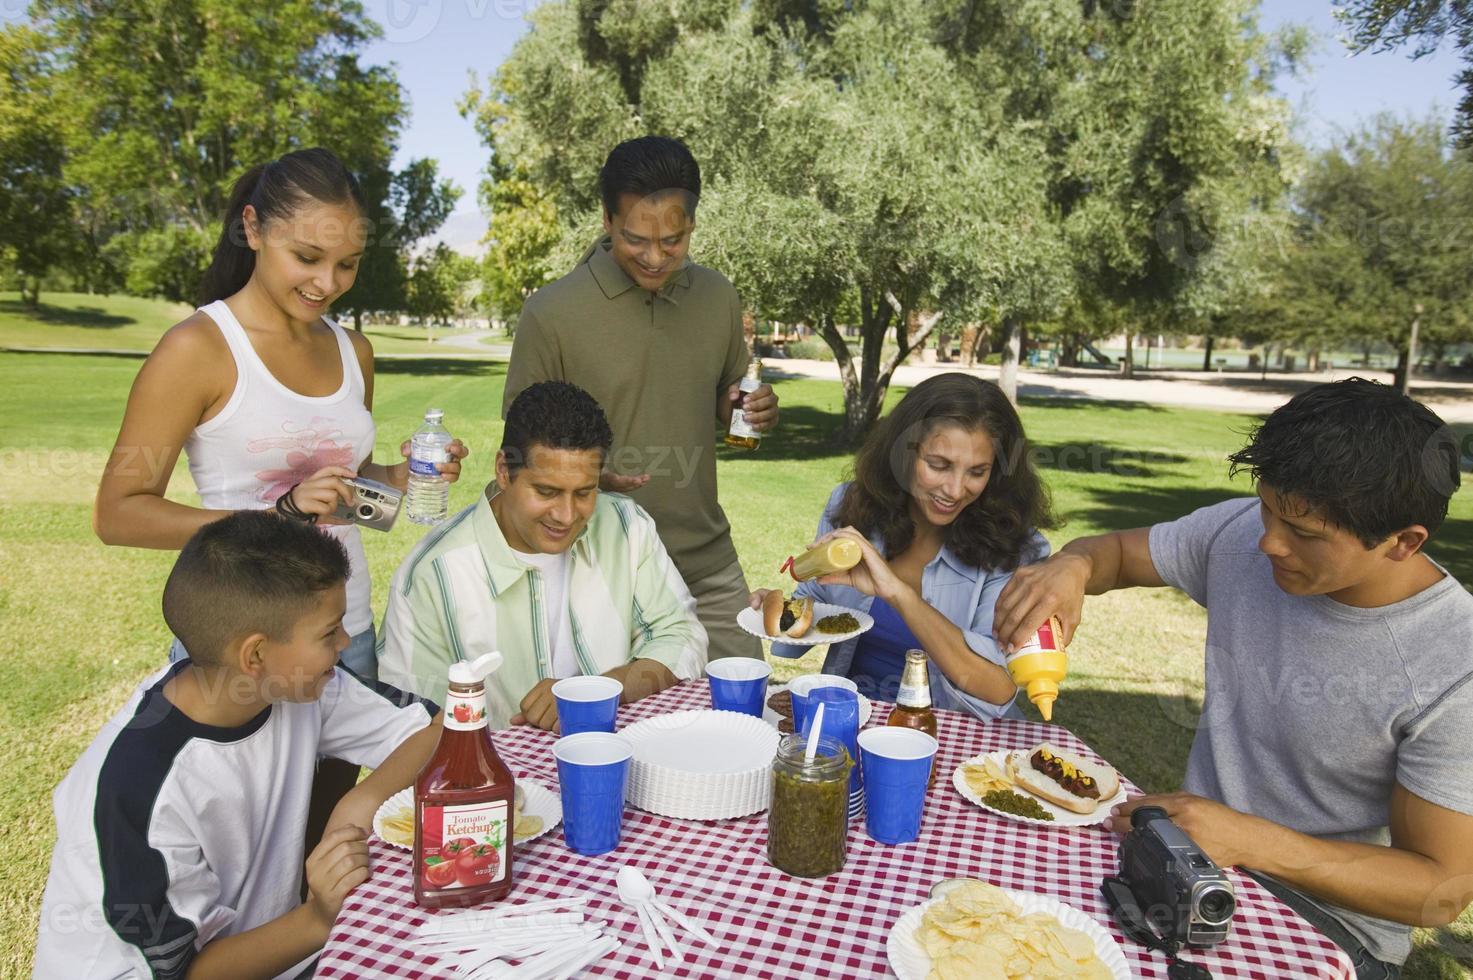 familie verzameld rond picknicktafel foto